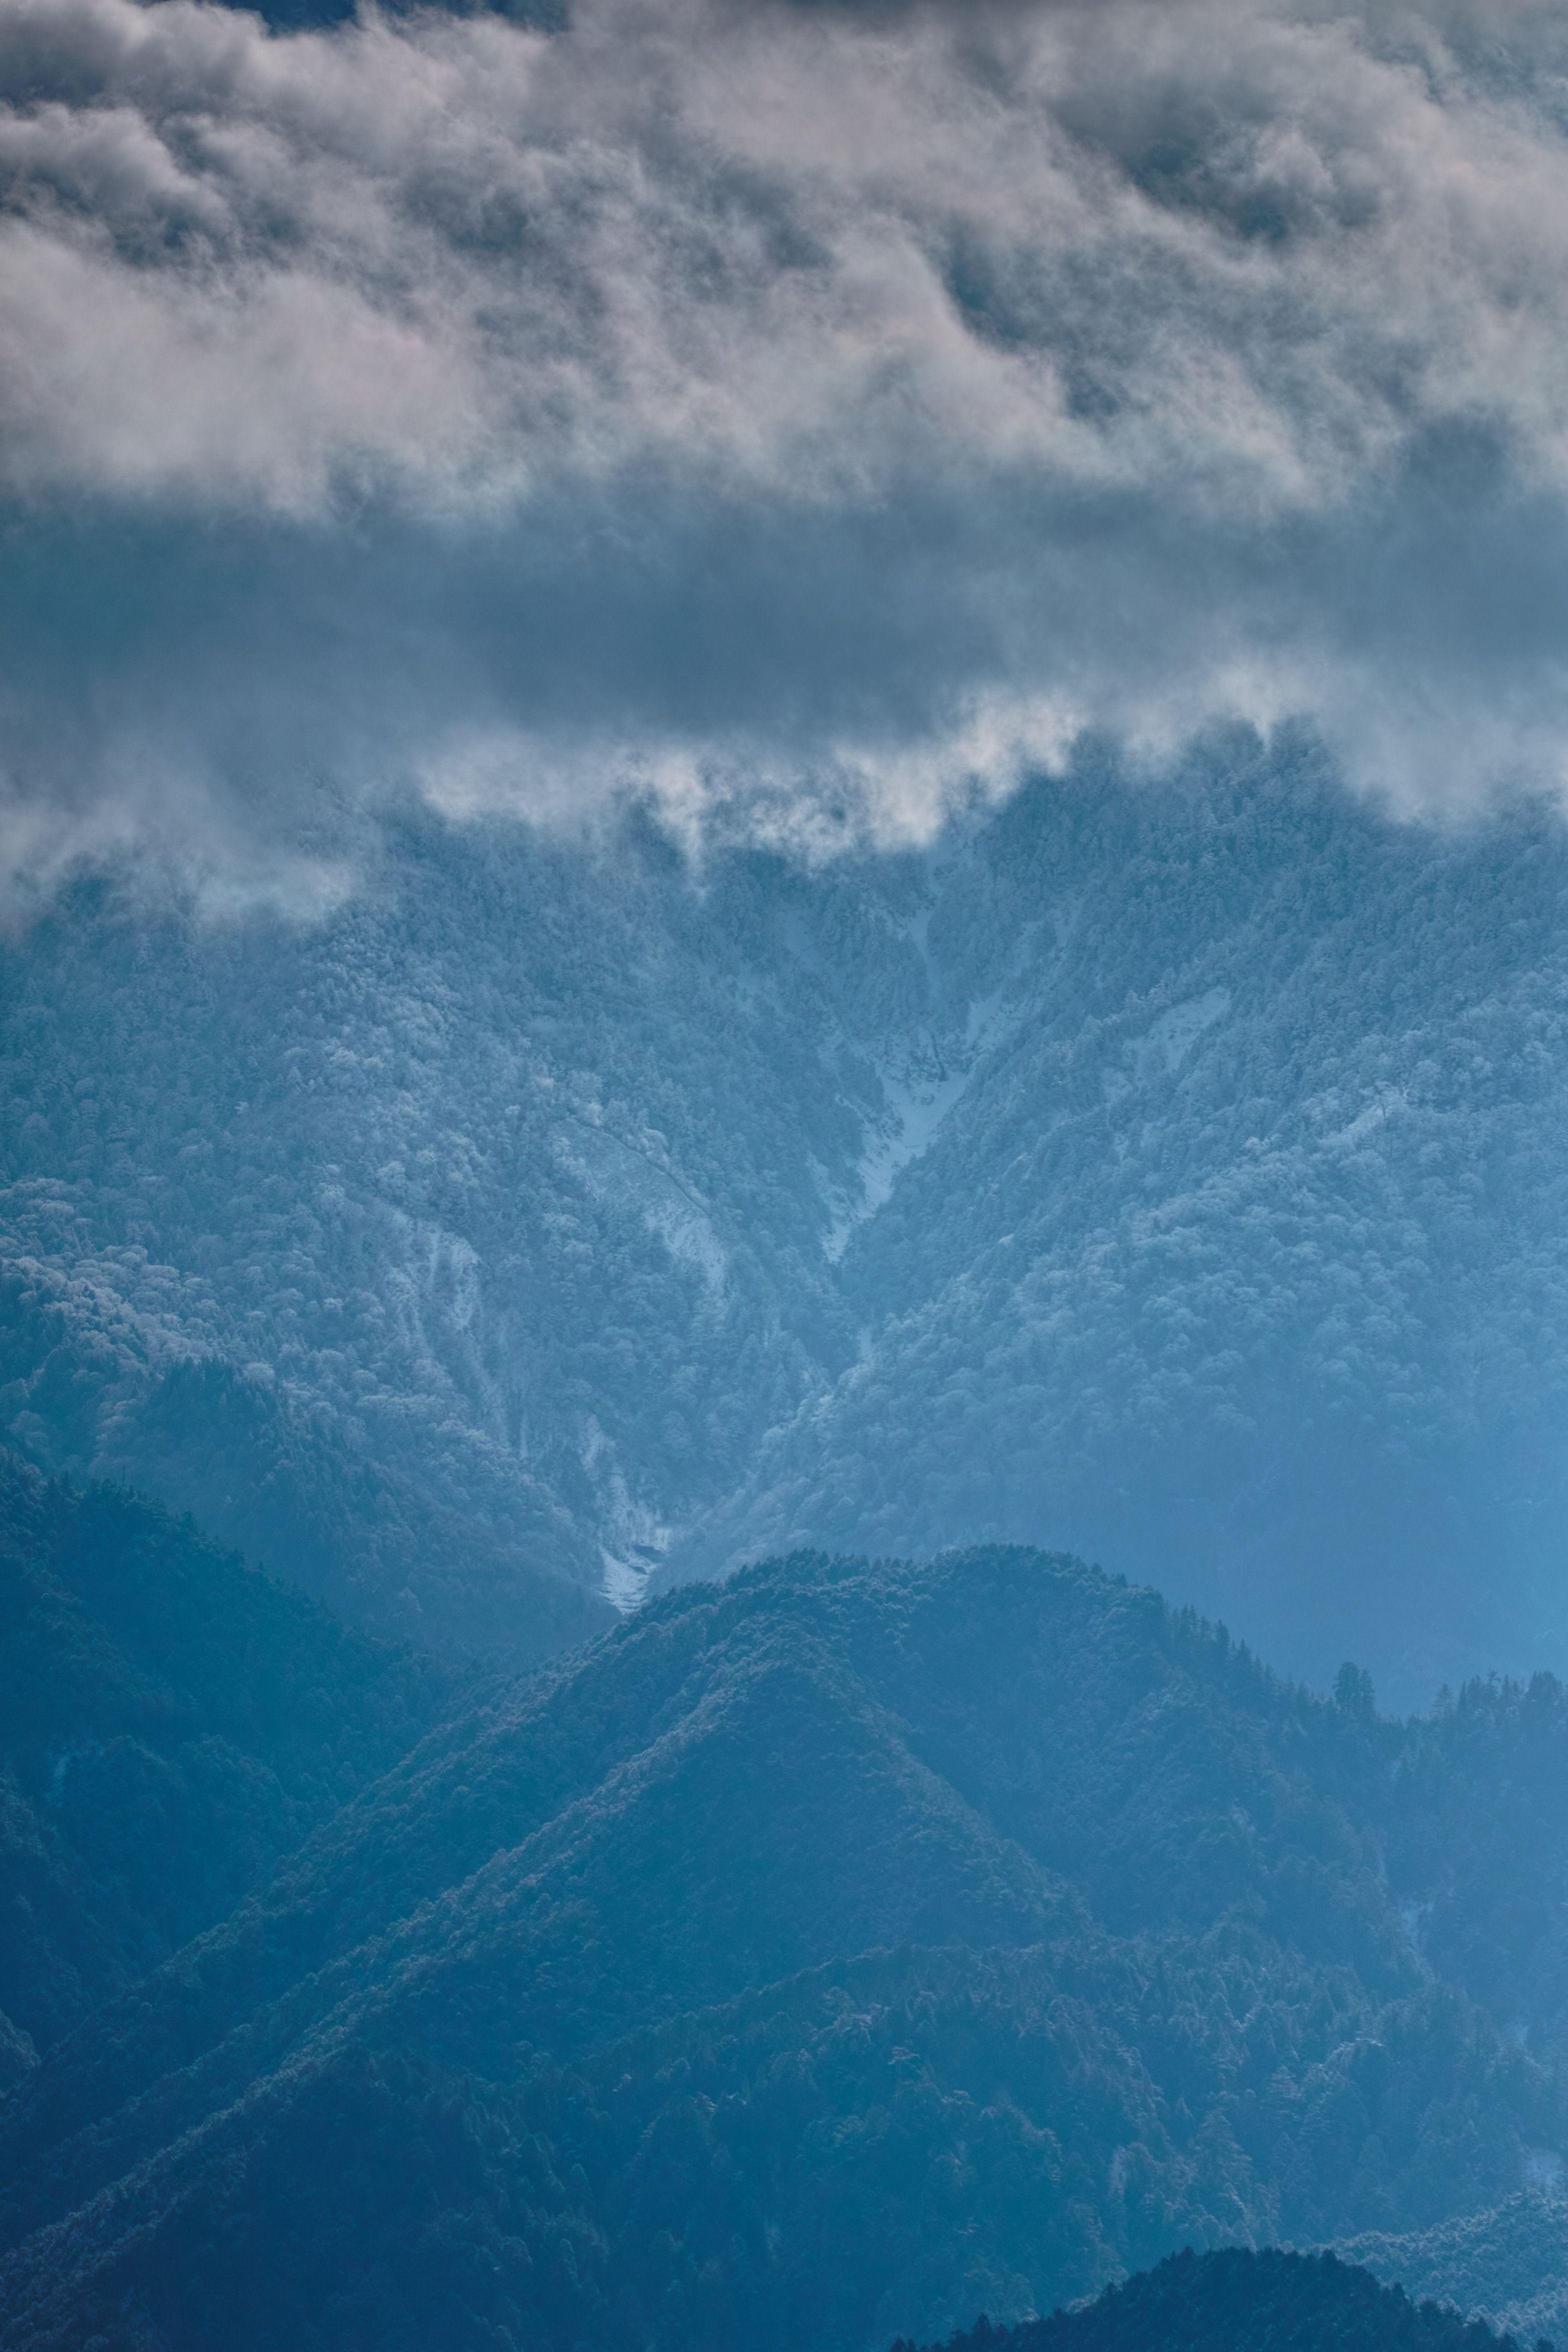 里山と雪雲と_compressed